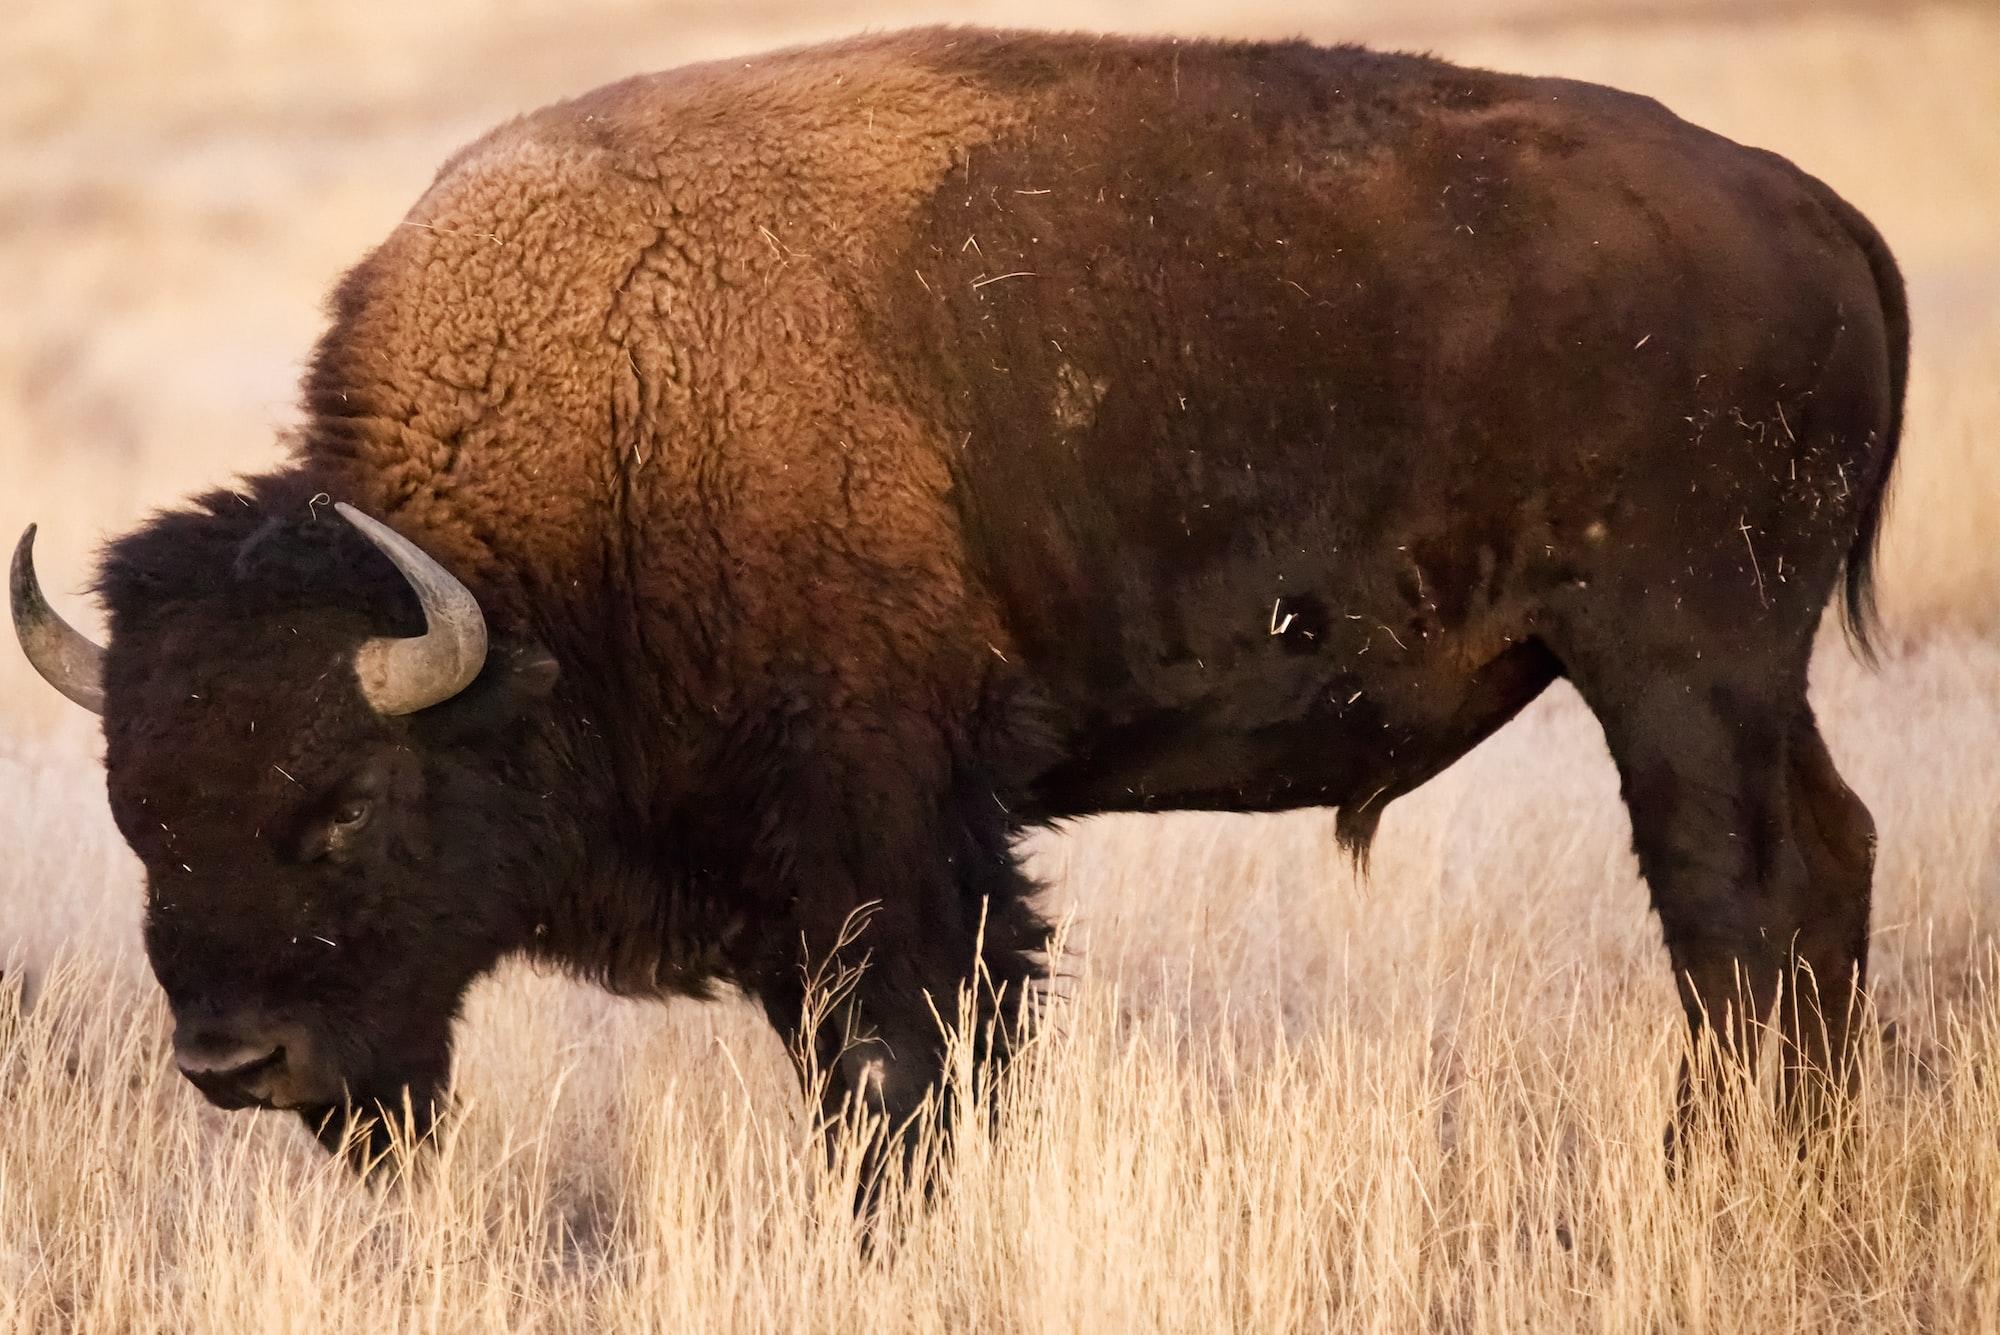 Big bad bison at Rocky Mountain Arsenal